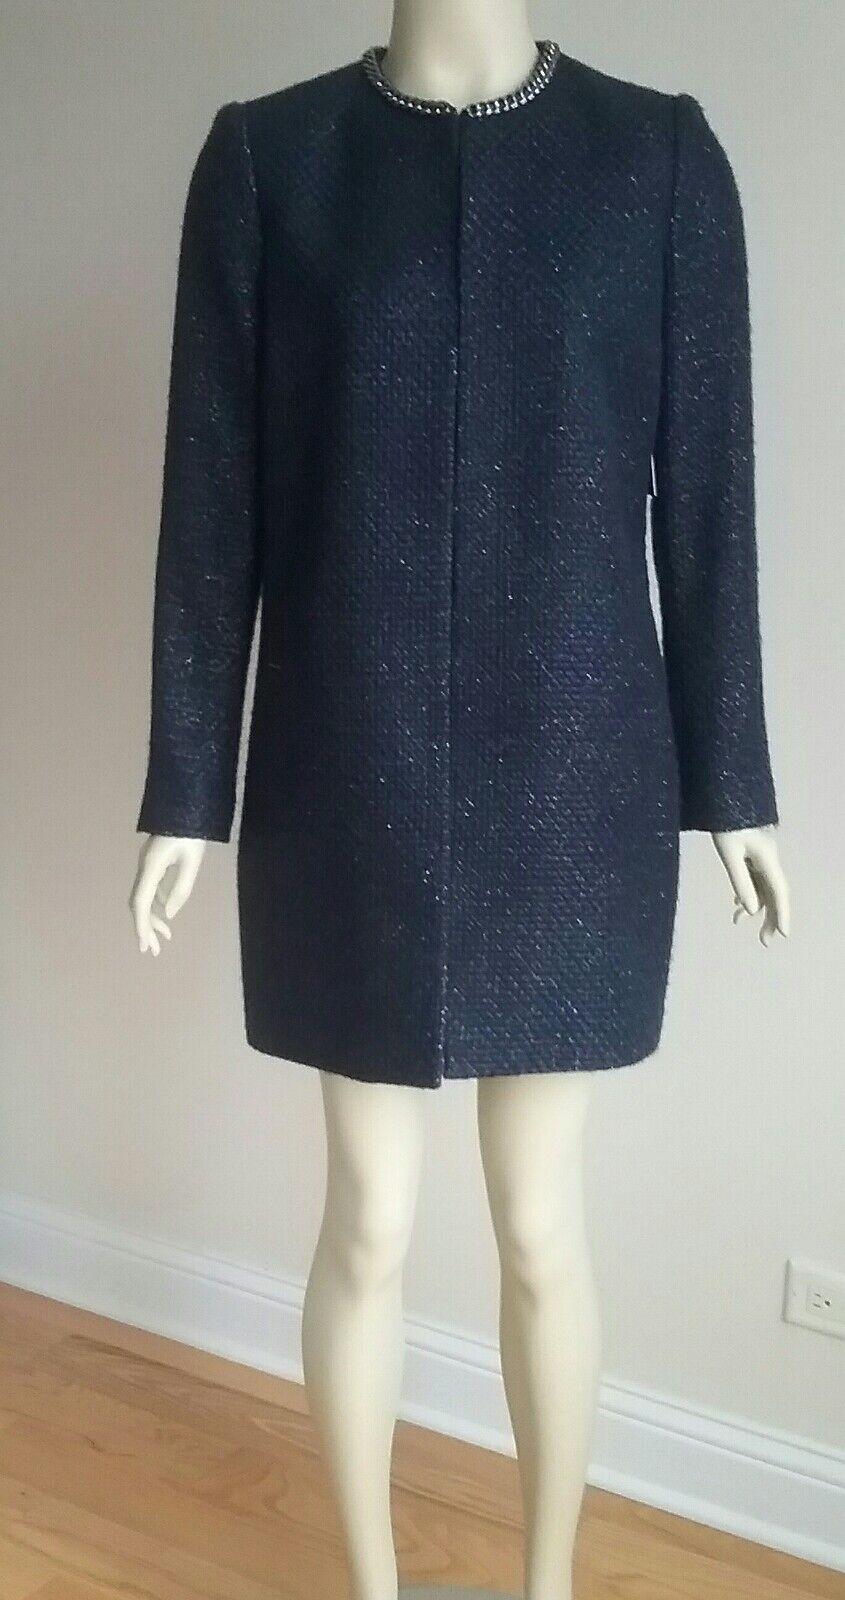 Elie tahari women coat S Nevy bluee Metallic New